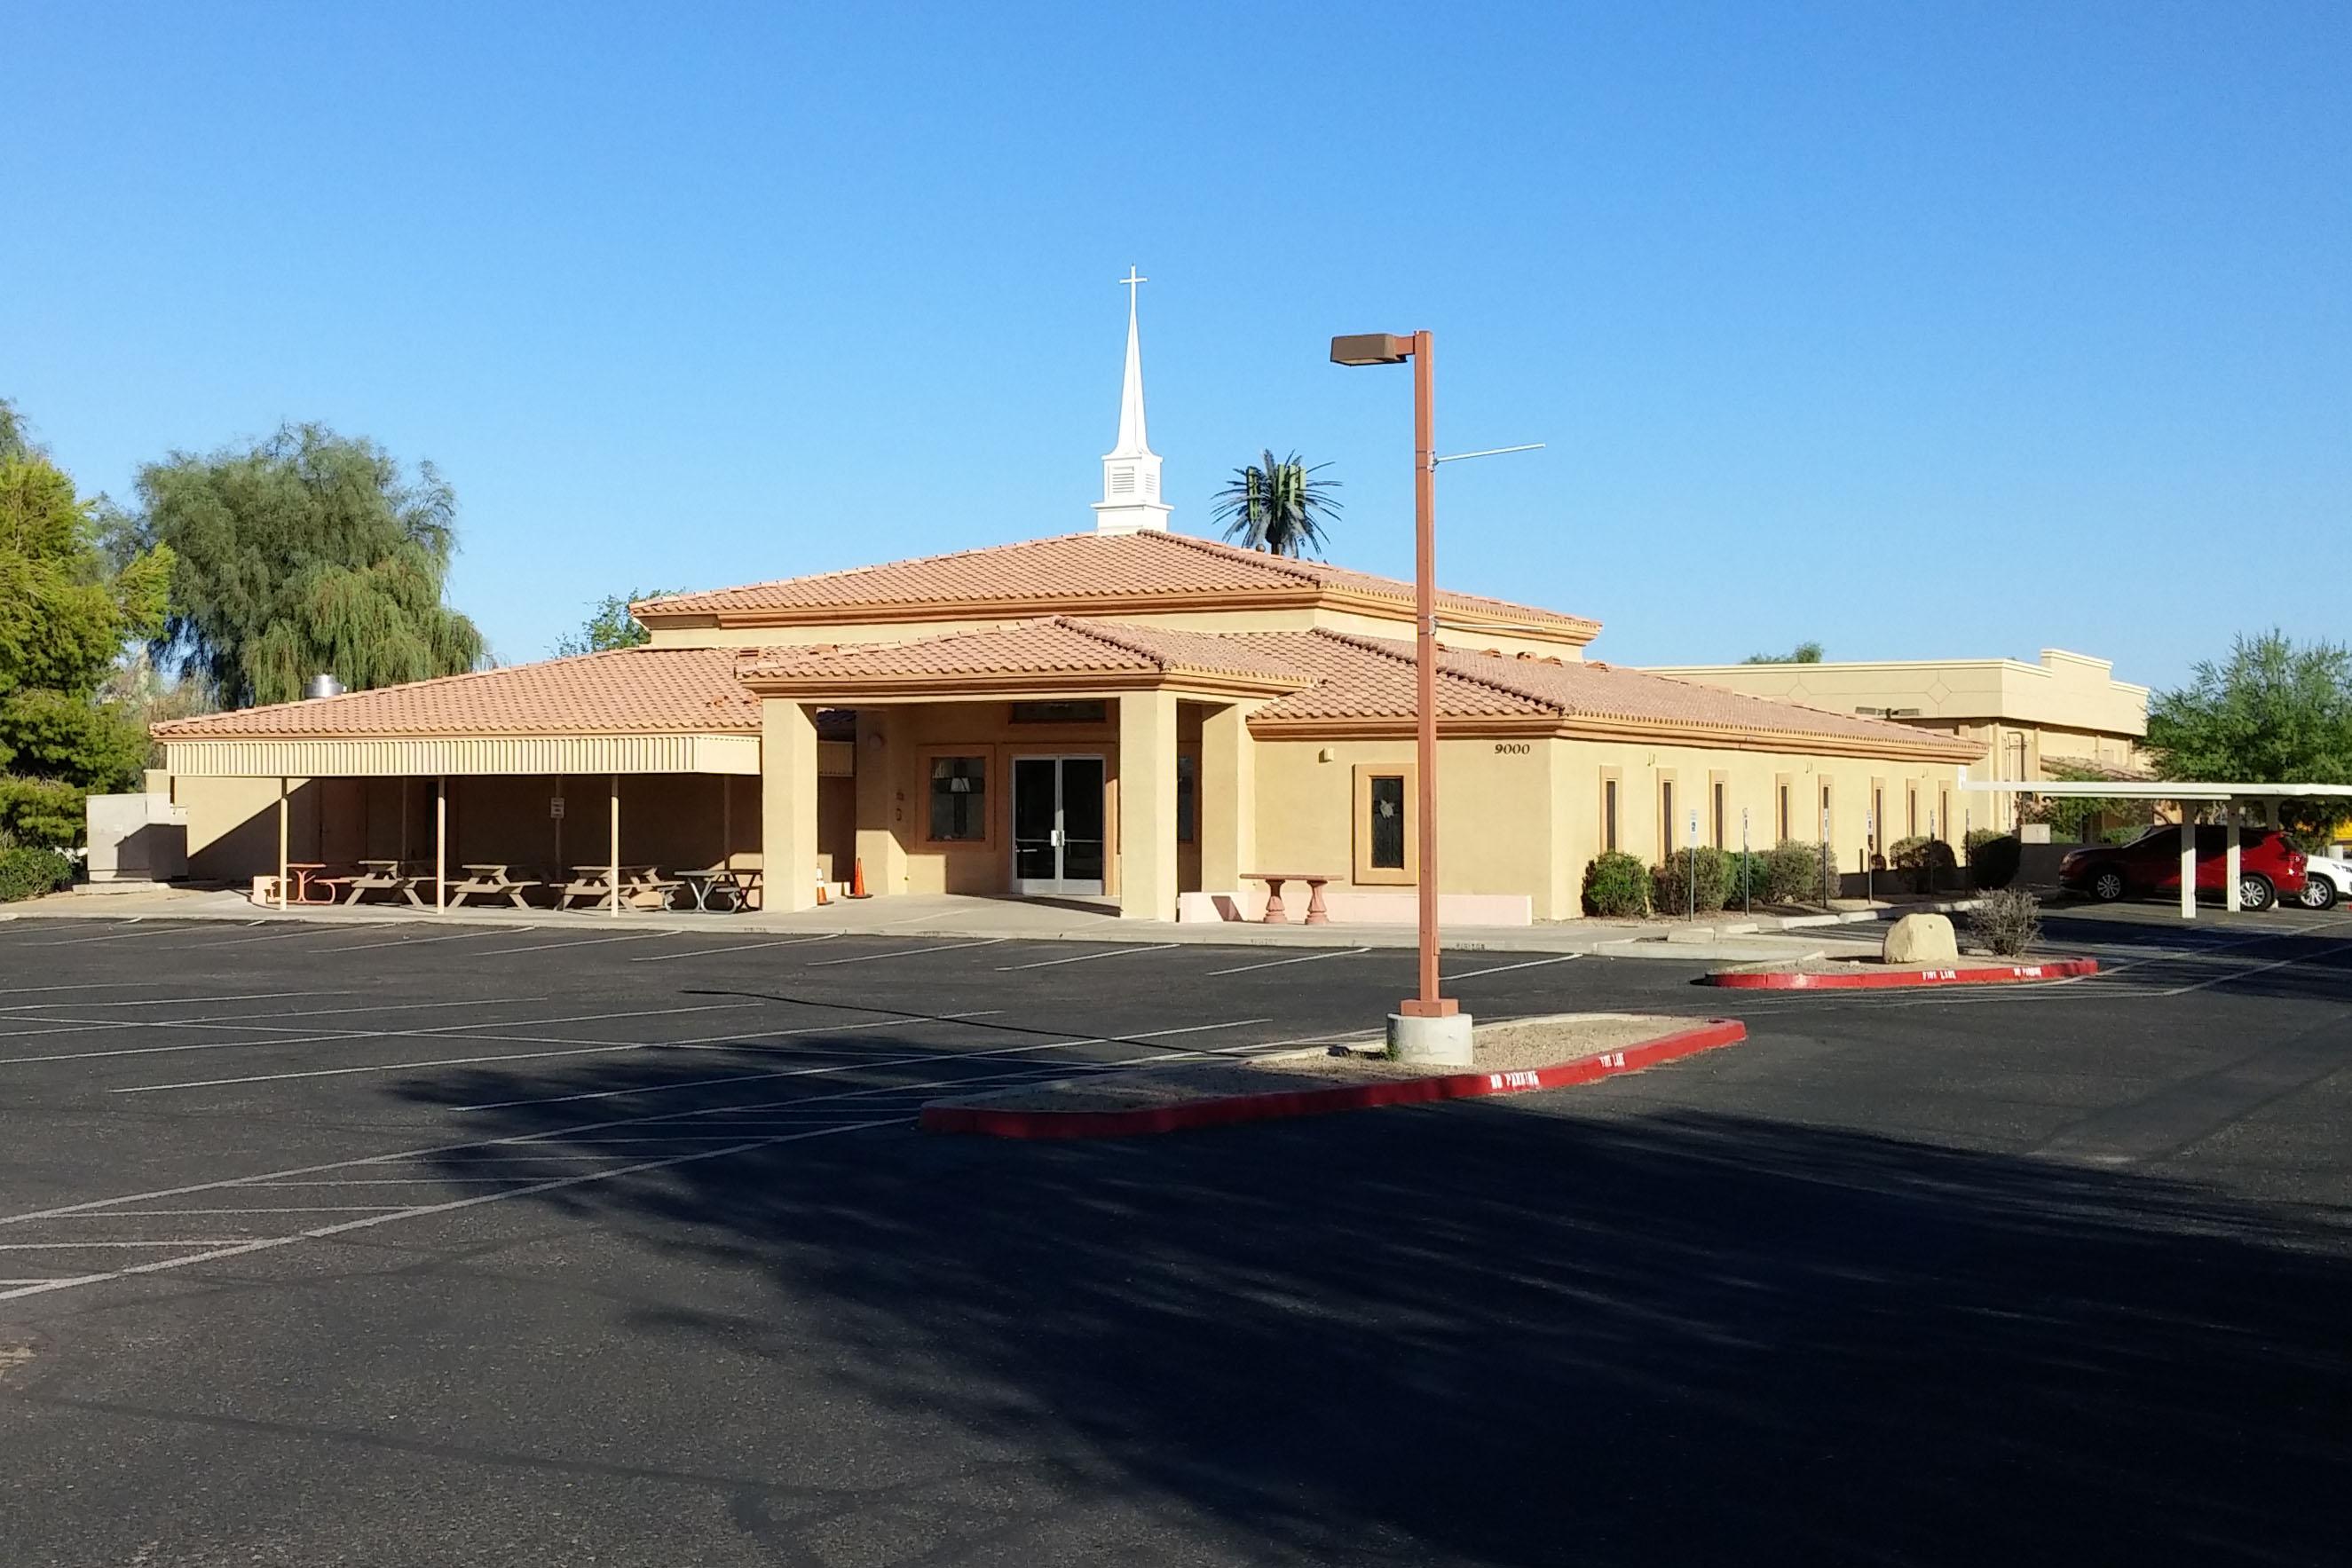 South Peoria Baptist, Peoria, AZ (exterior)